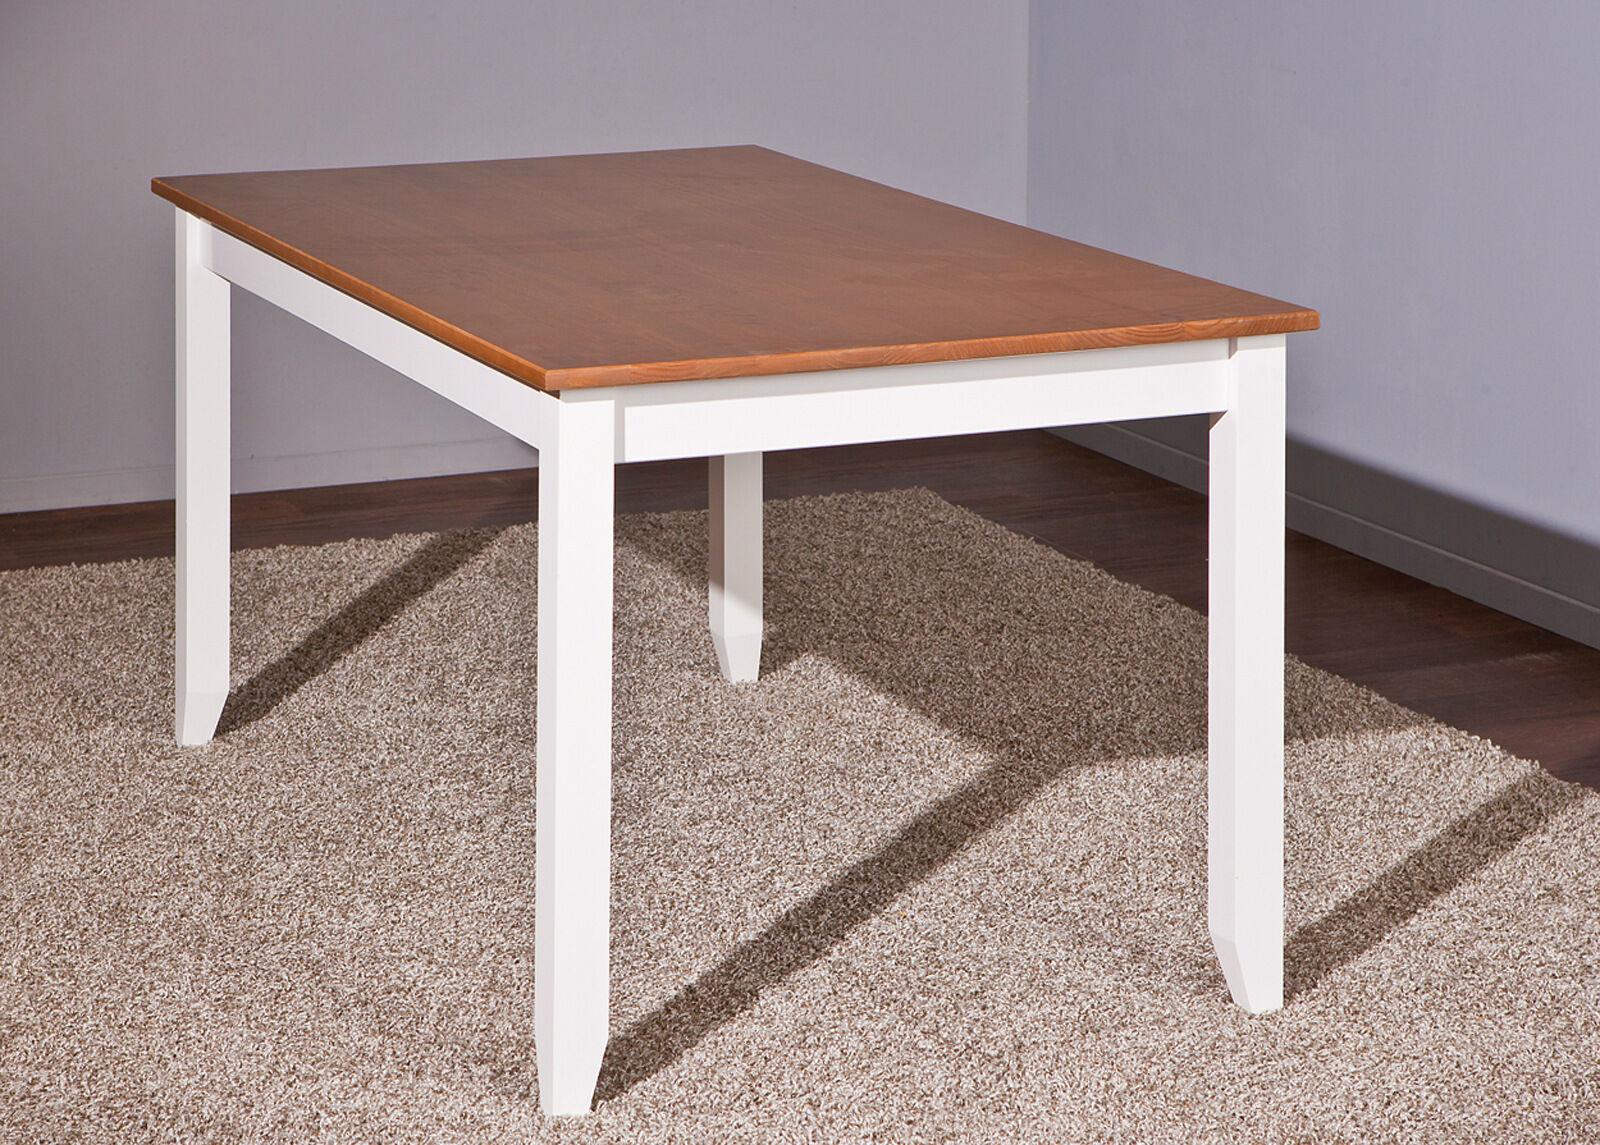 InterLink Ruokapöytä WESTERLAND, mänty 160x90 cm